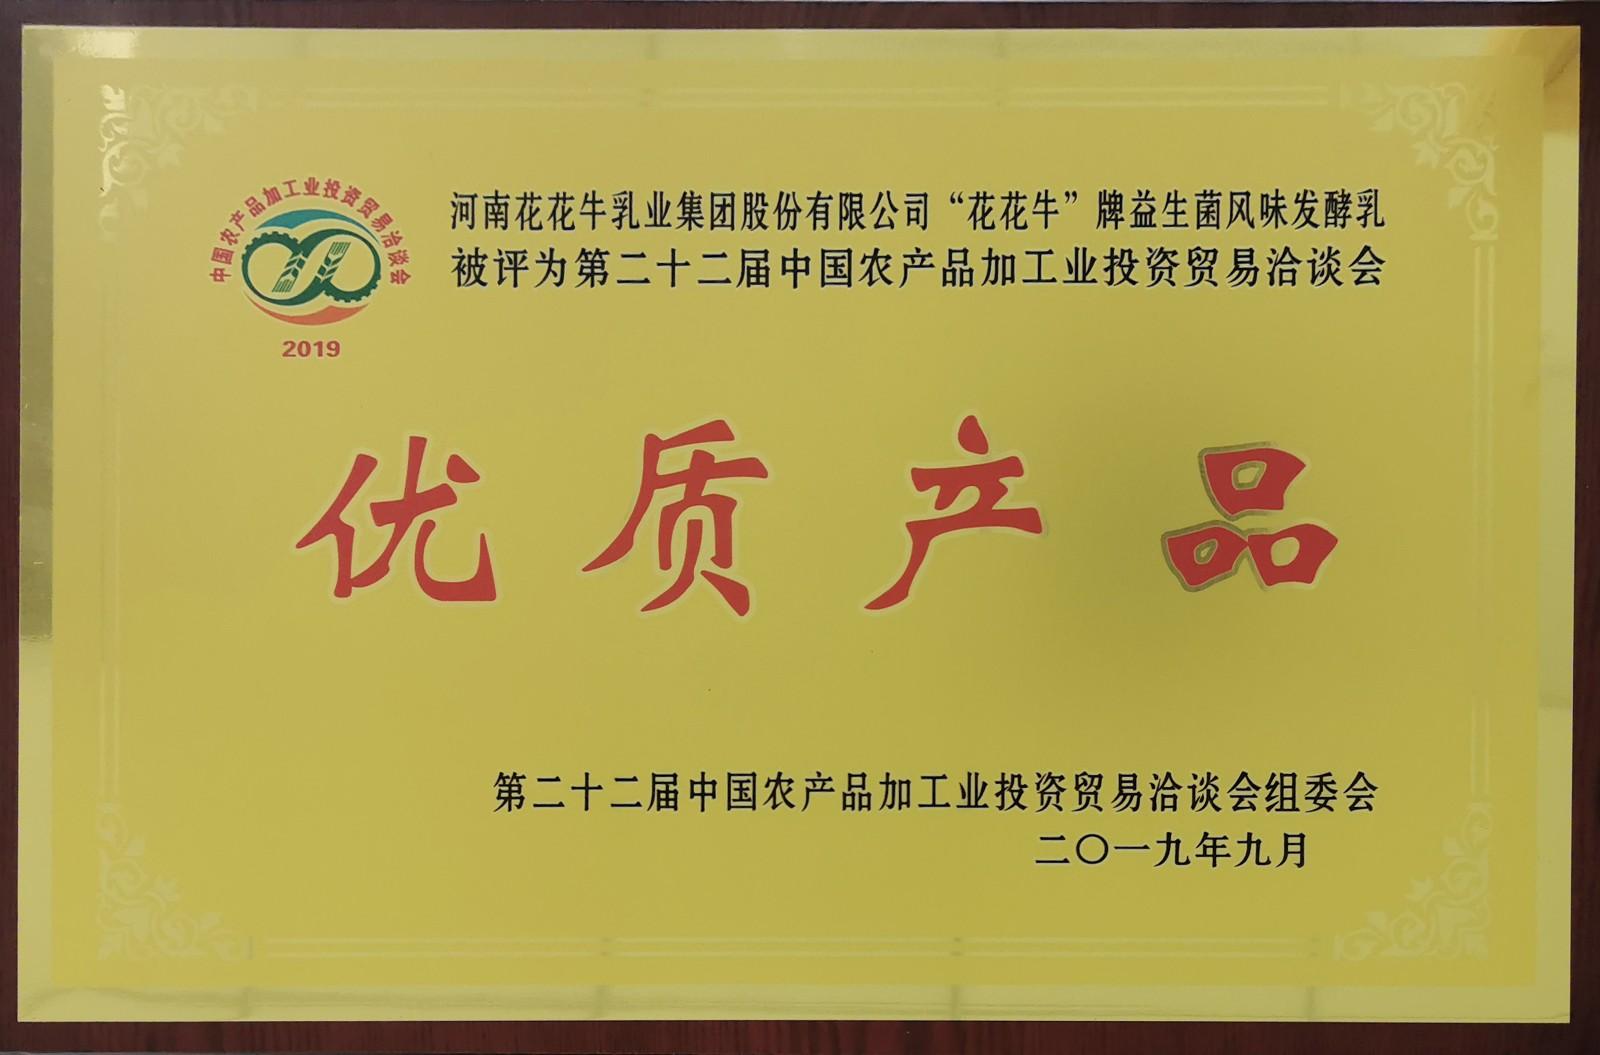 第22届中国农产品加工业投资贸易洽谈会优质产品